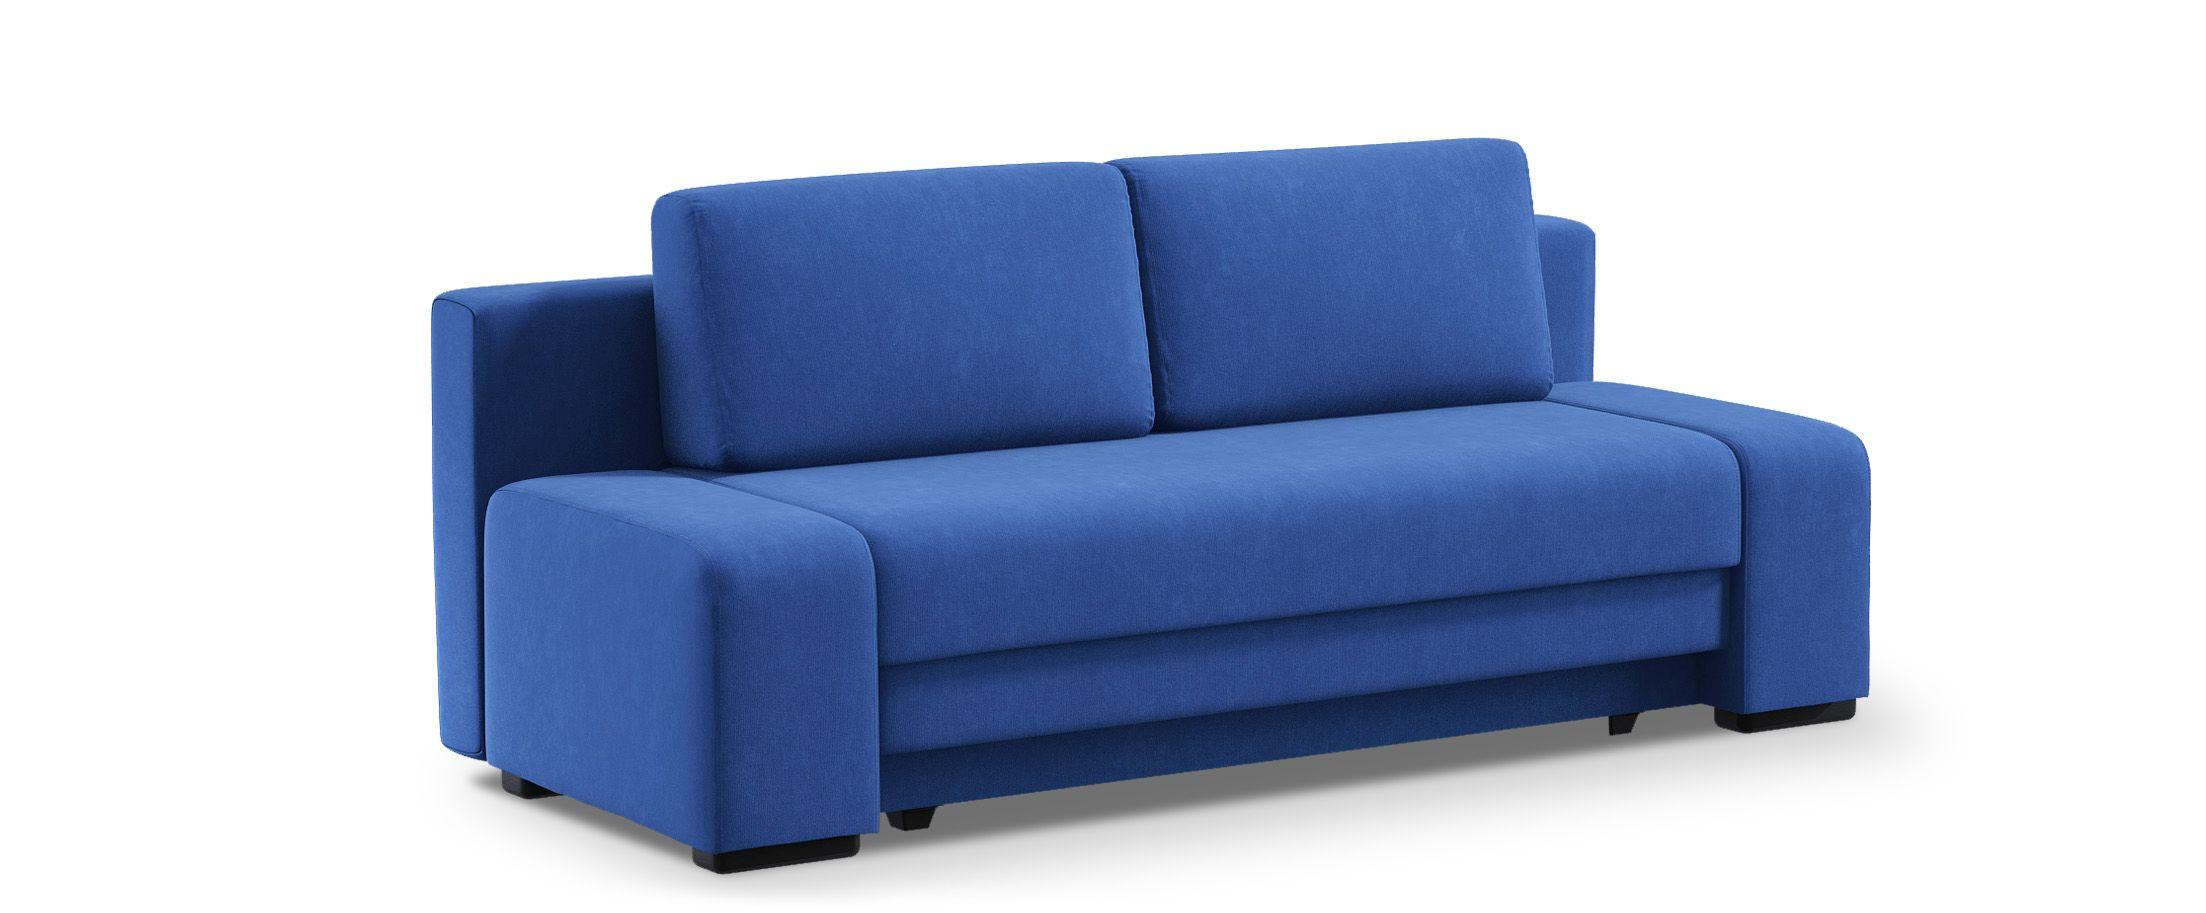 Диван прямой еврокнижка Токио 009Гостевой вариант и полноценное спальное место. Размеры 205х93х89 см. Купить синий диван еврокнижка в интернет-магазине MOON TRADE.